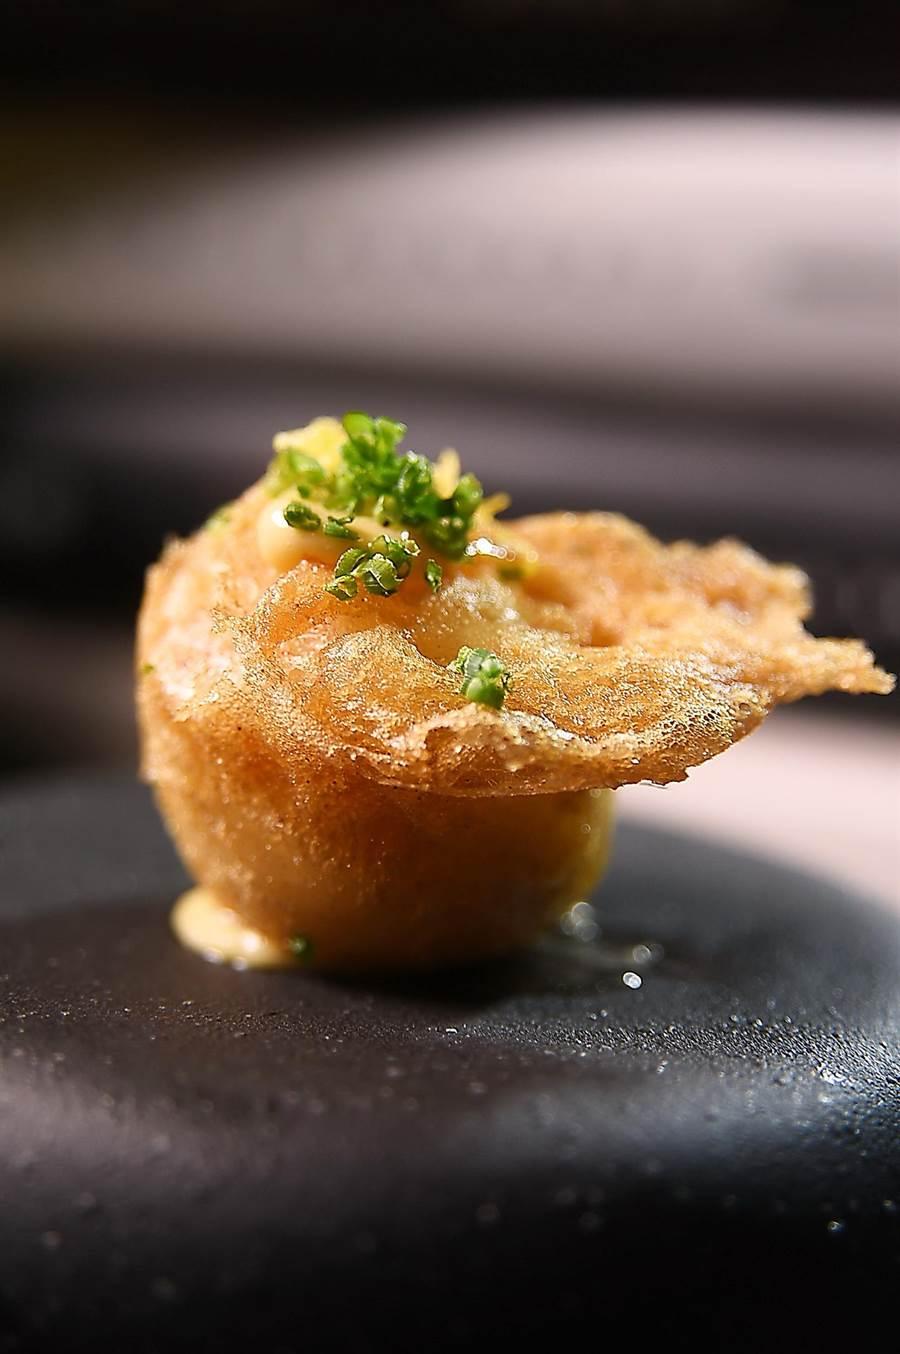 源於英國傳統吃食〈Fish & Chip〉的〈檸香炸魚薯泥〉,是〈實習生〉餐酒館主廚Owen的旅遊記憶,他將用糖、鹽及檸檬皮醃漬的比目魚肉,搭配馬頭魚邊肉用牛奶烹調後拌入絲滑柔順的薯泥,裹上啤酒麵糊油炸,搭配檸檬美乃滋作成Amuse Buche逗嘴小食。(圖/姚舜)